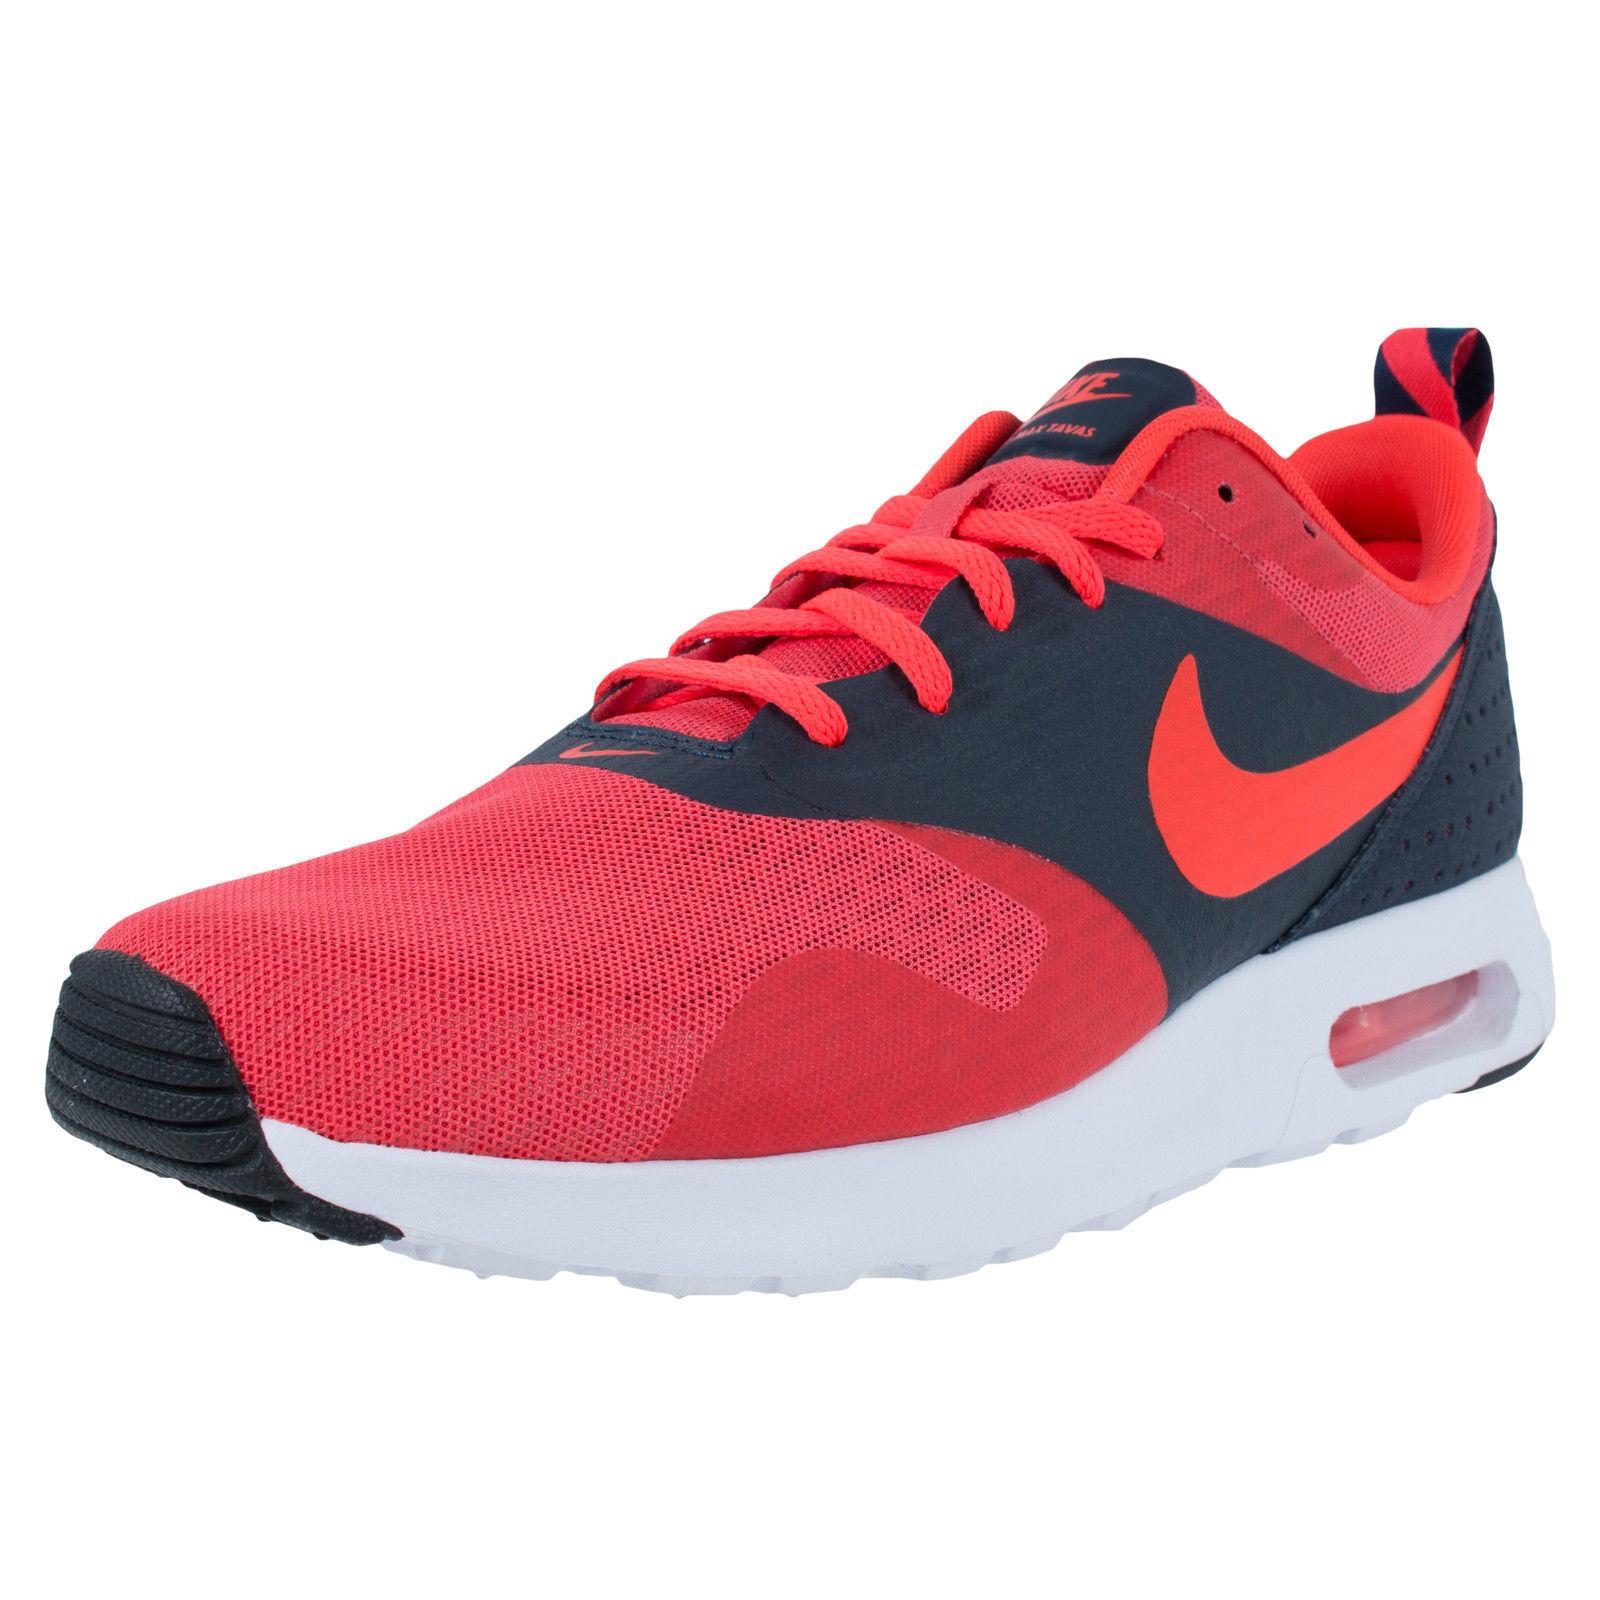 Nike zoom campionato lebron soldato 10 x id campionato zoom confezione nera sz 9,5 (885682-991) 8e7da5